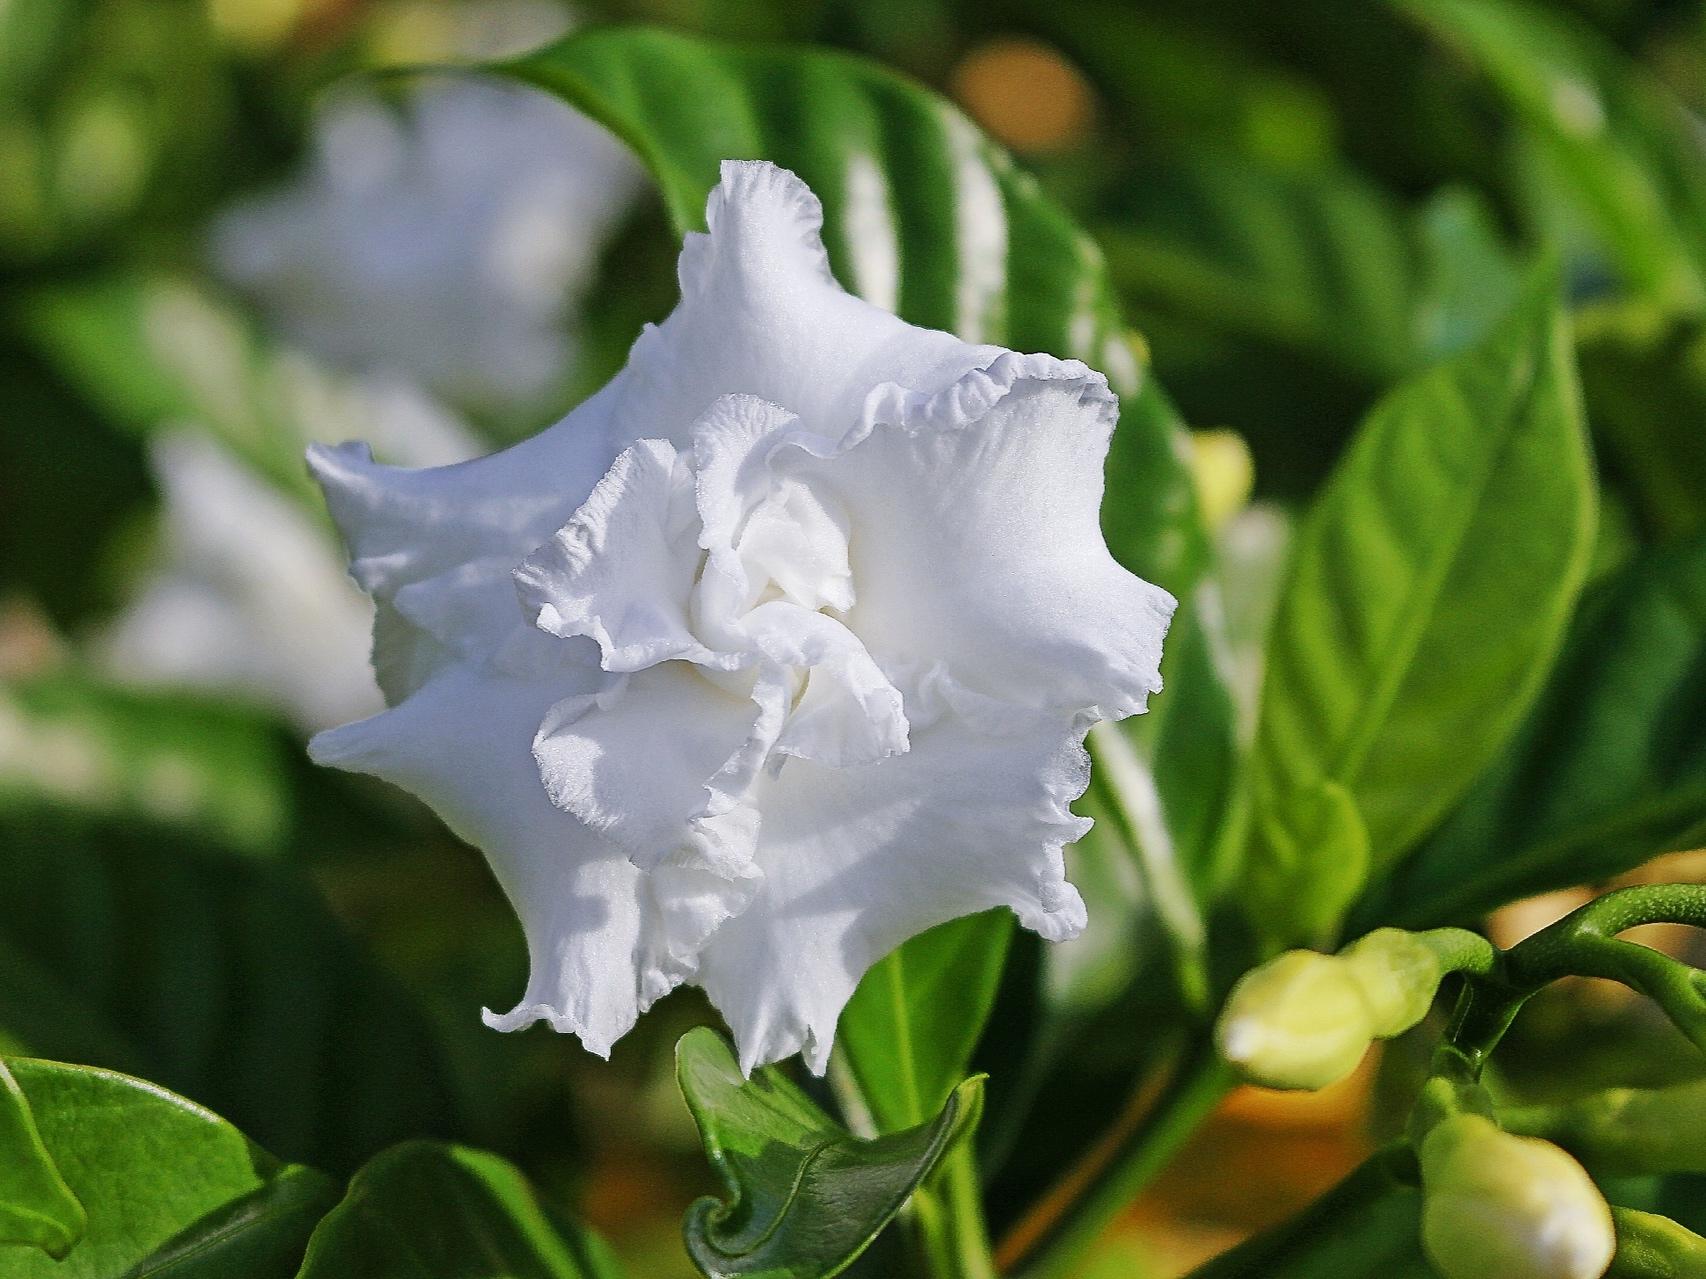 La nostra Crema Viso Cellule Staminali contiene Cellule Staminali Vegetali di Gardenia che favoriscono la rigenerazione cellulare della pelle. -